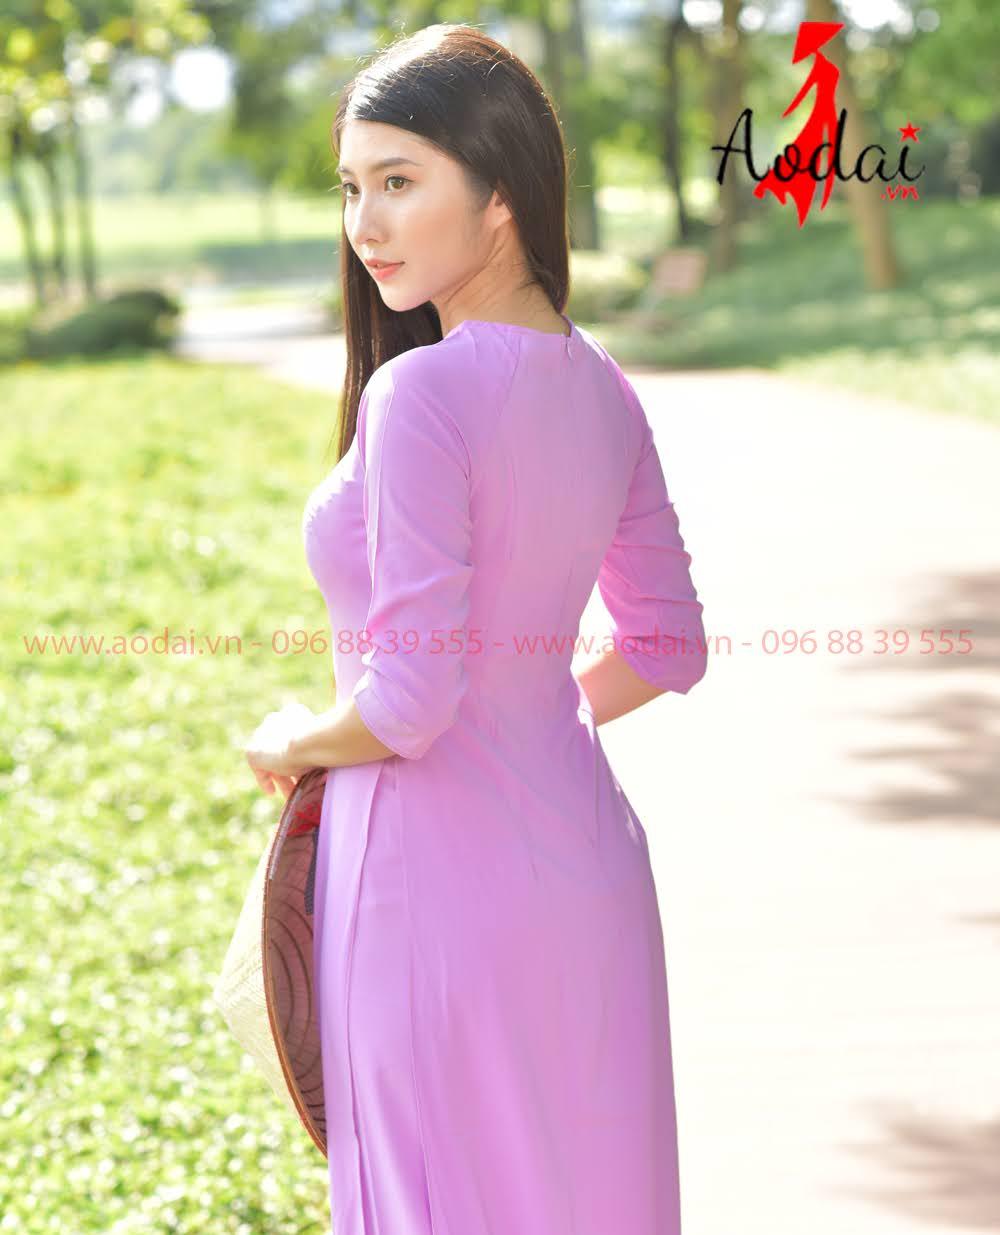 May áo dài tại Đà Nẵng